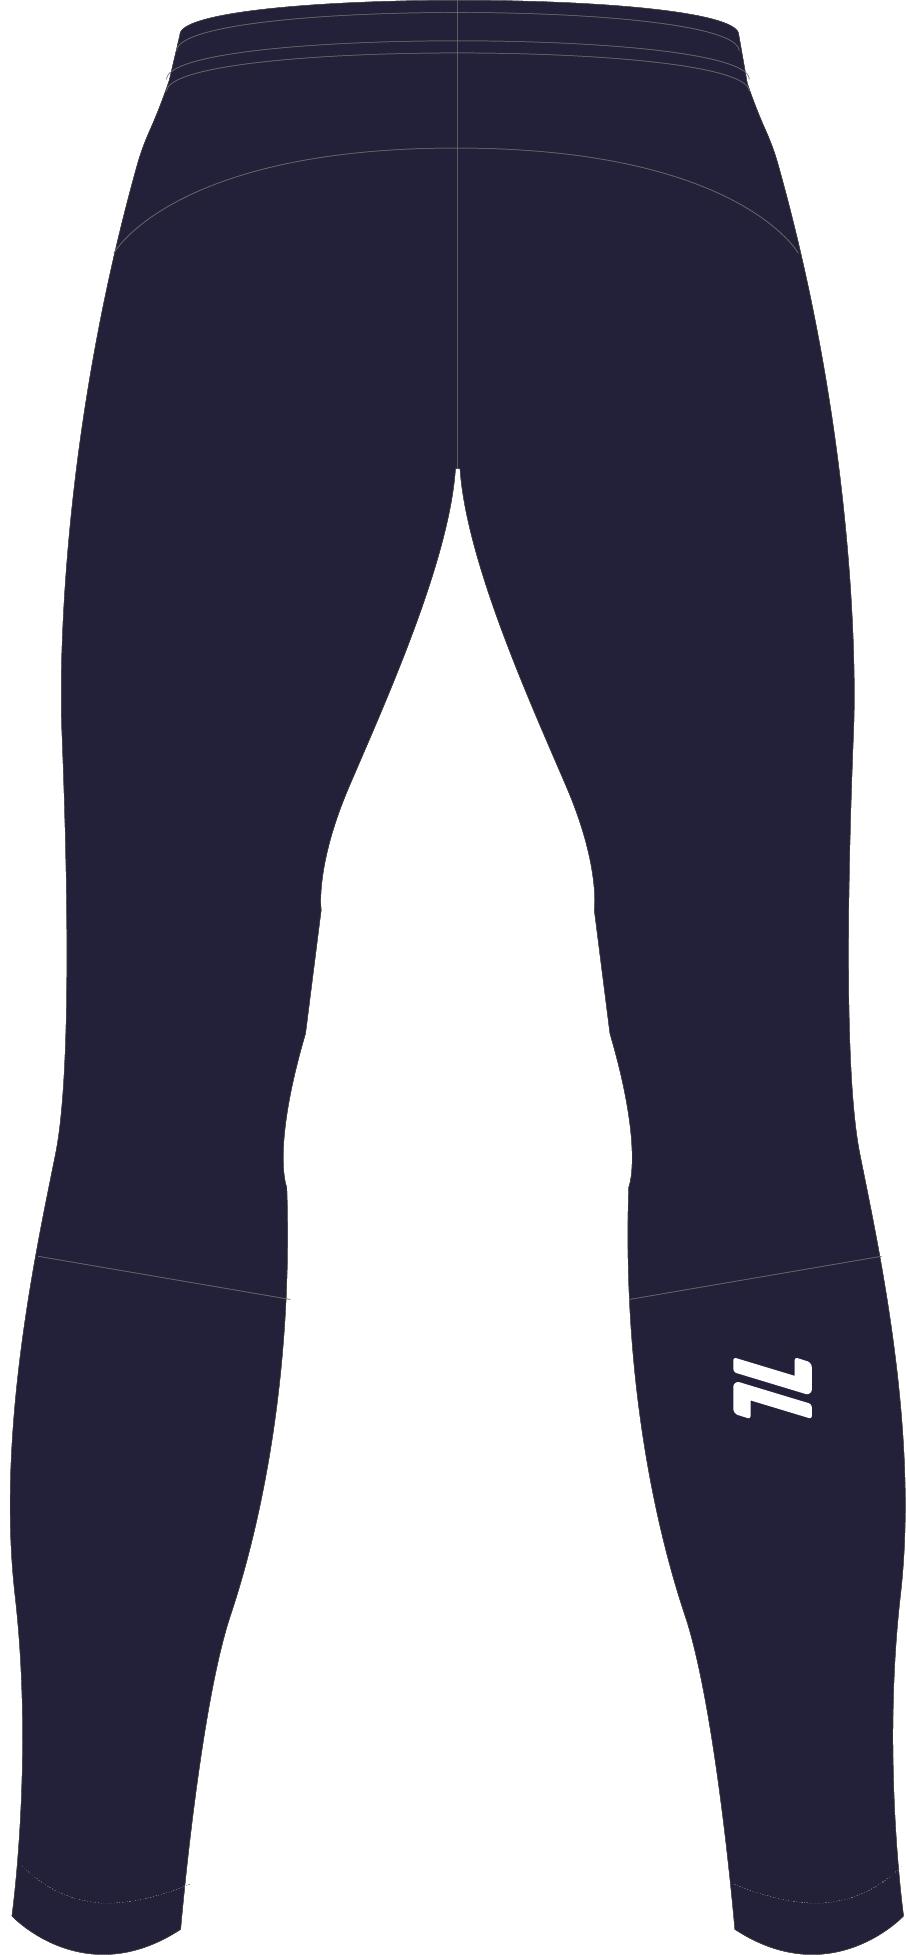 Nordski Jr Motion 2020 разминочный лыжный костюм детский blueberry-pink - 6